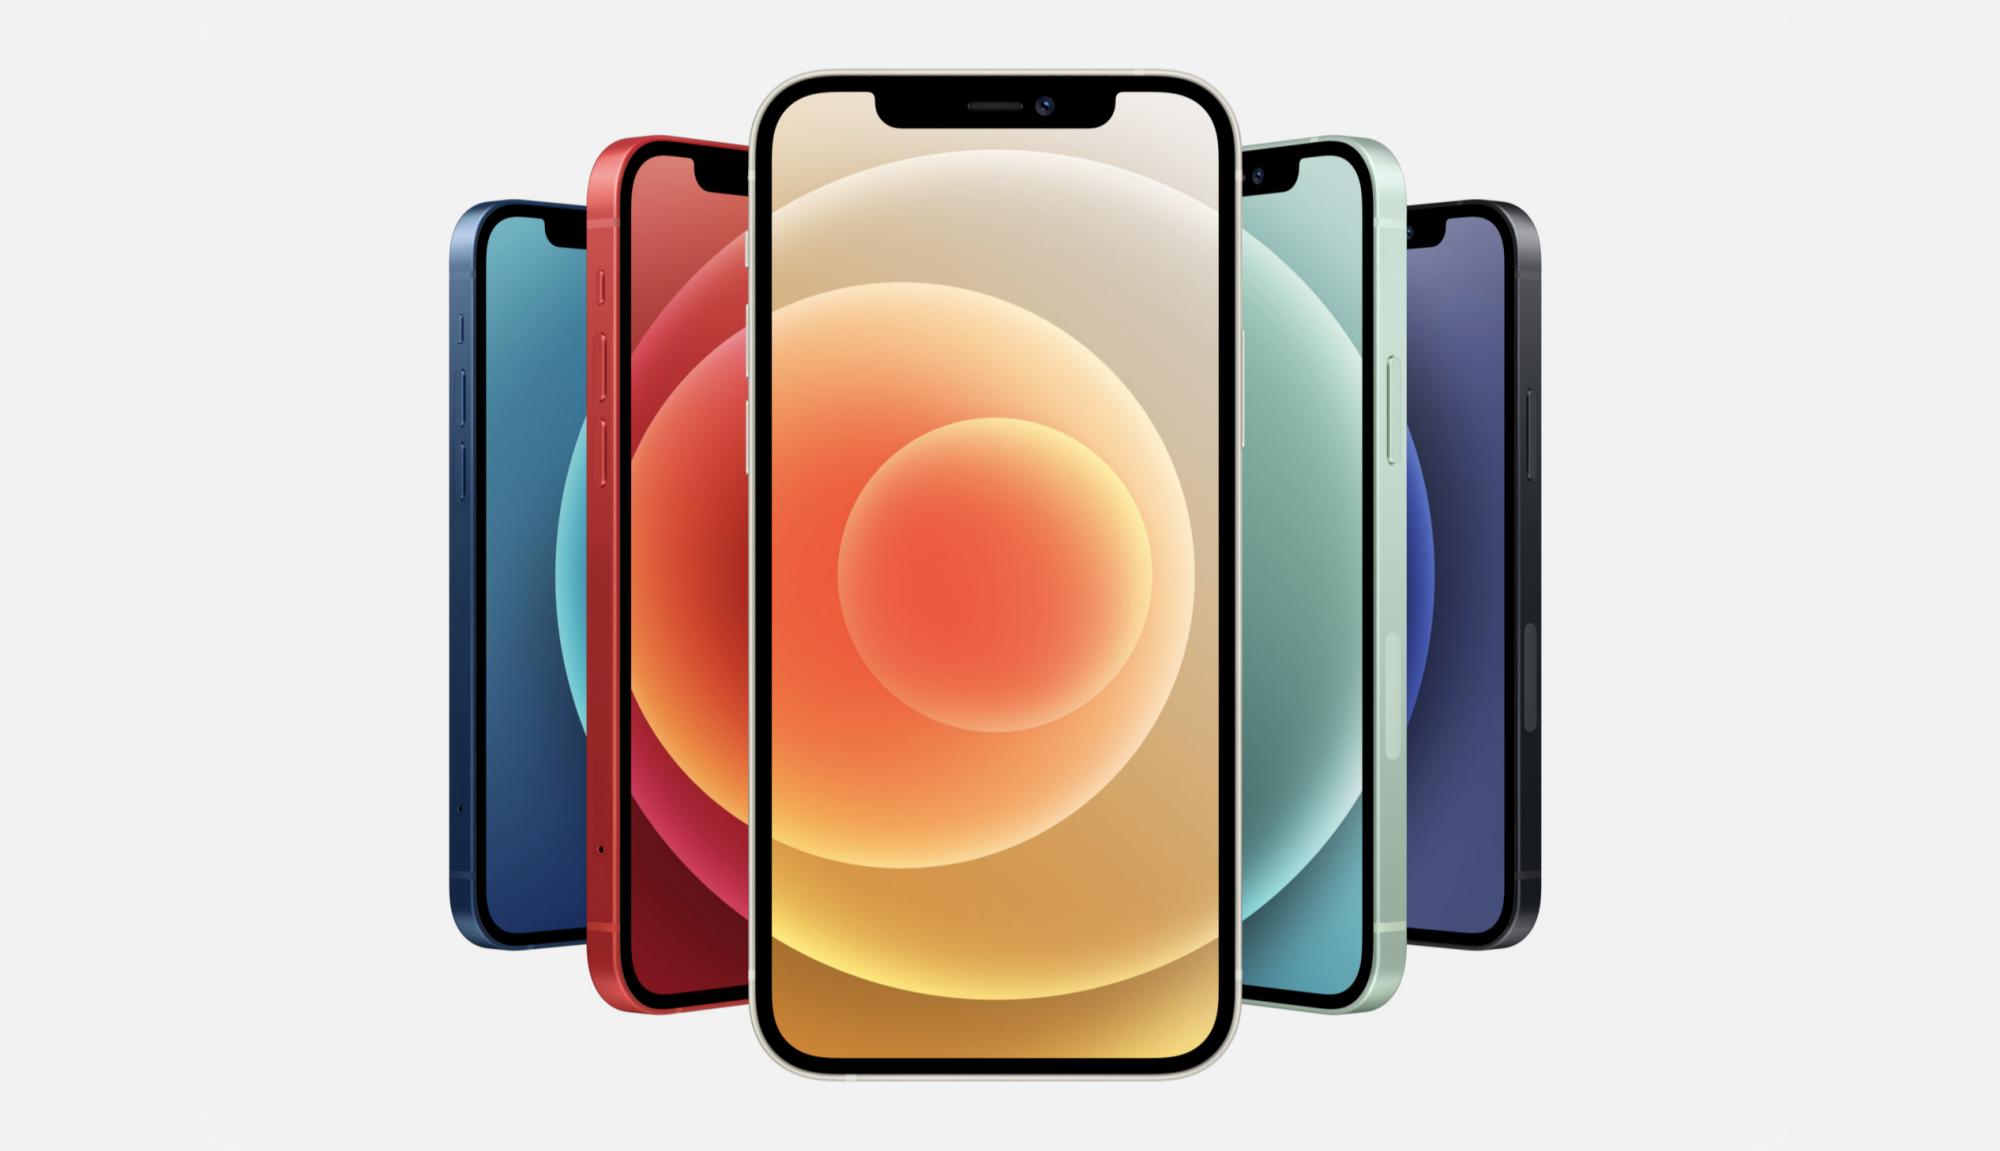 Apple dự kiến sẽ lập kỷ lục bán iPhone mới trong năm tới 4